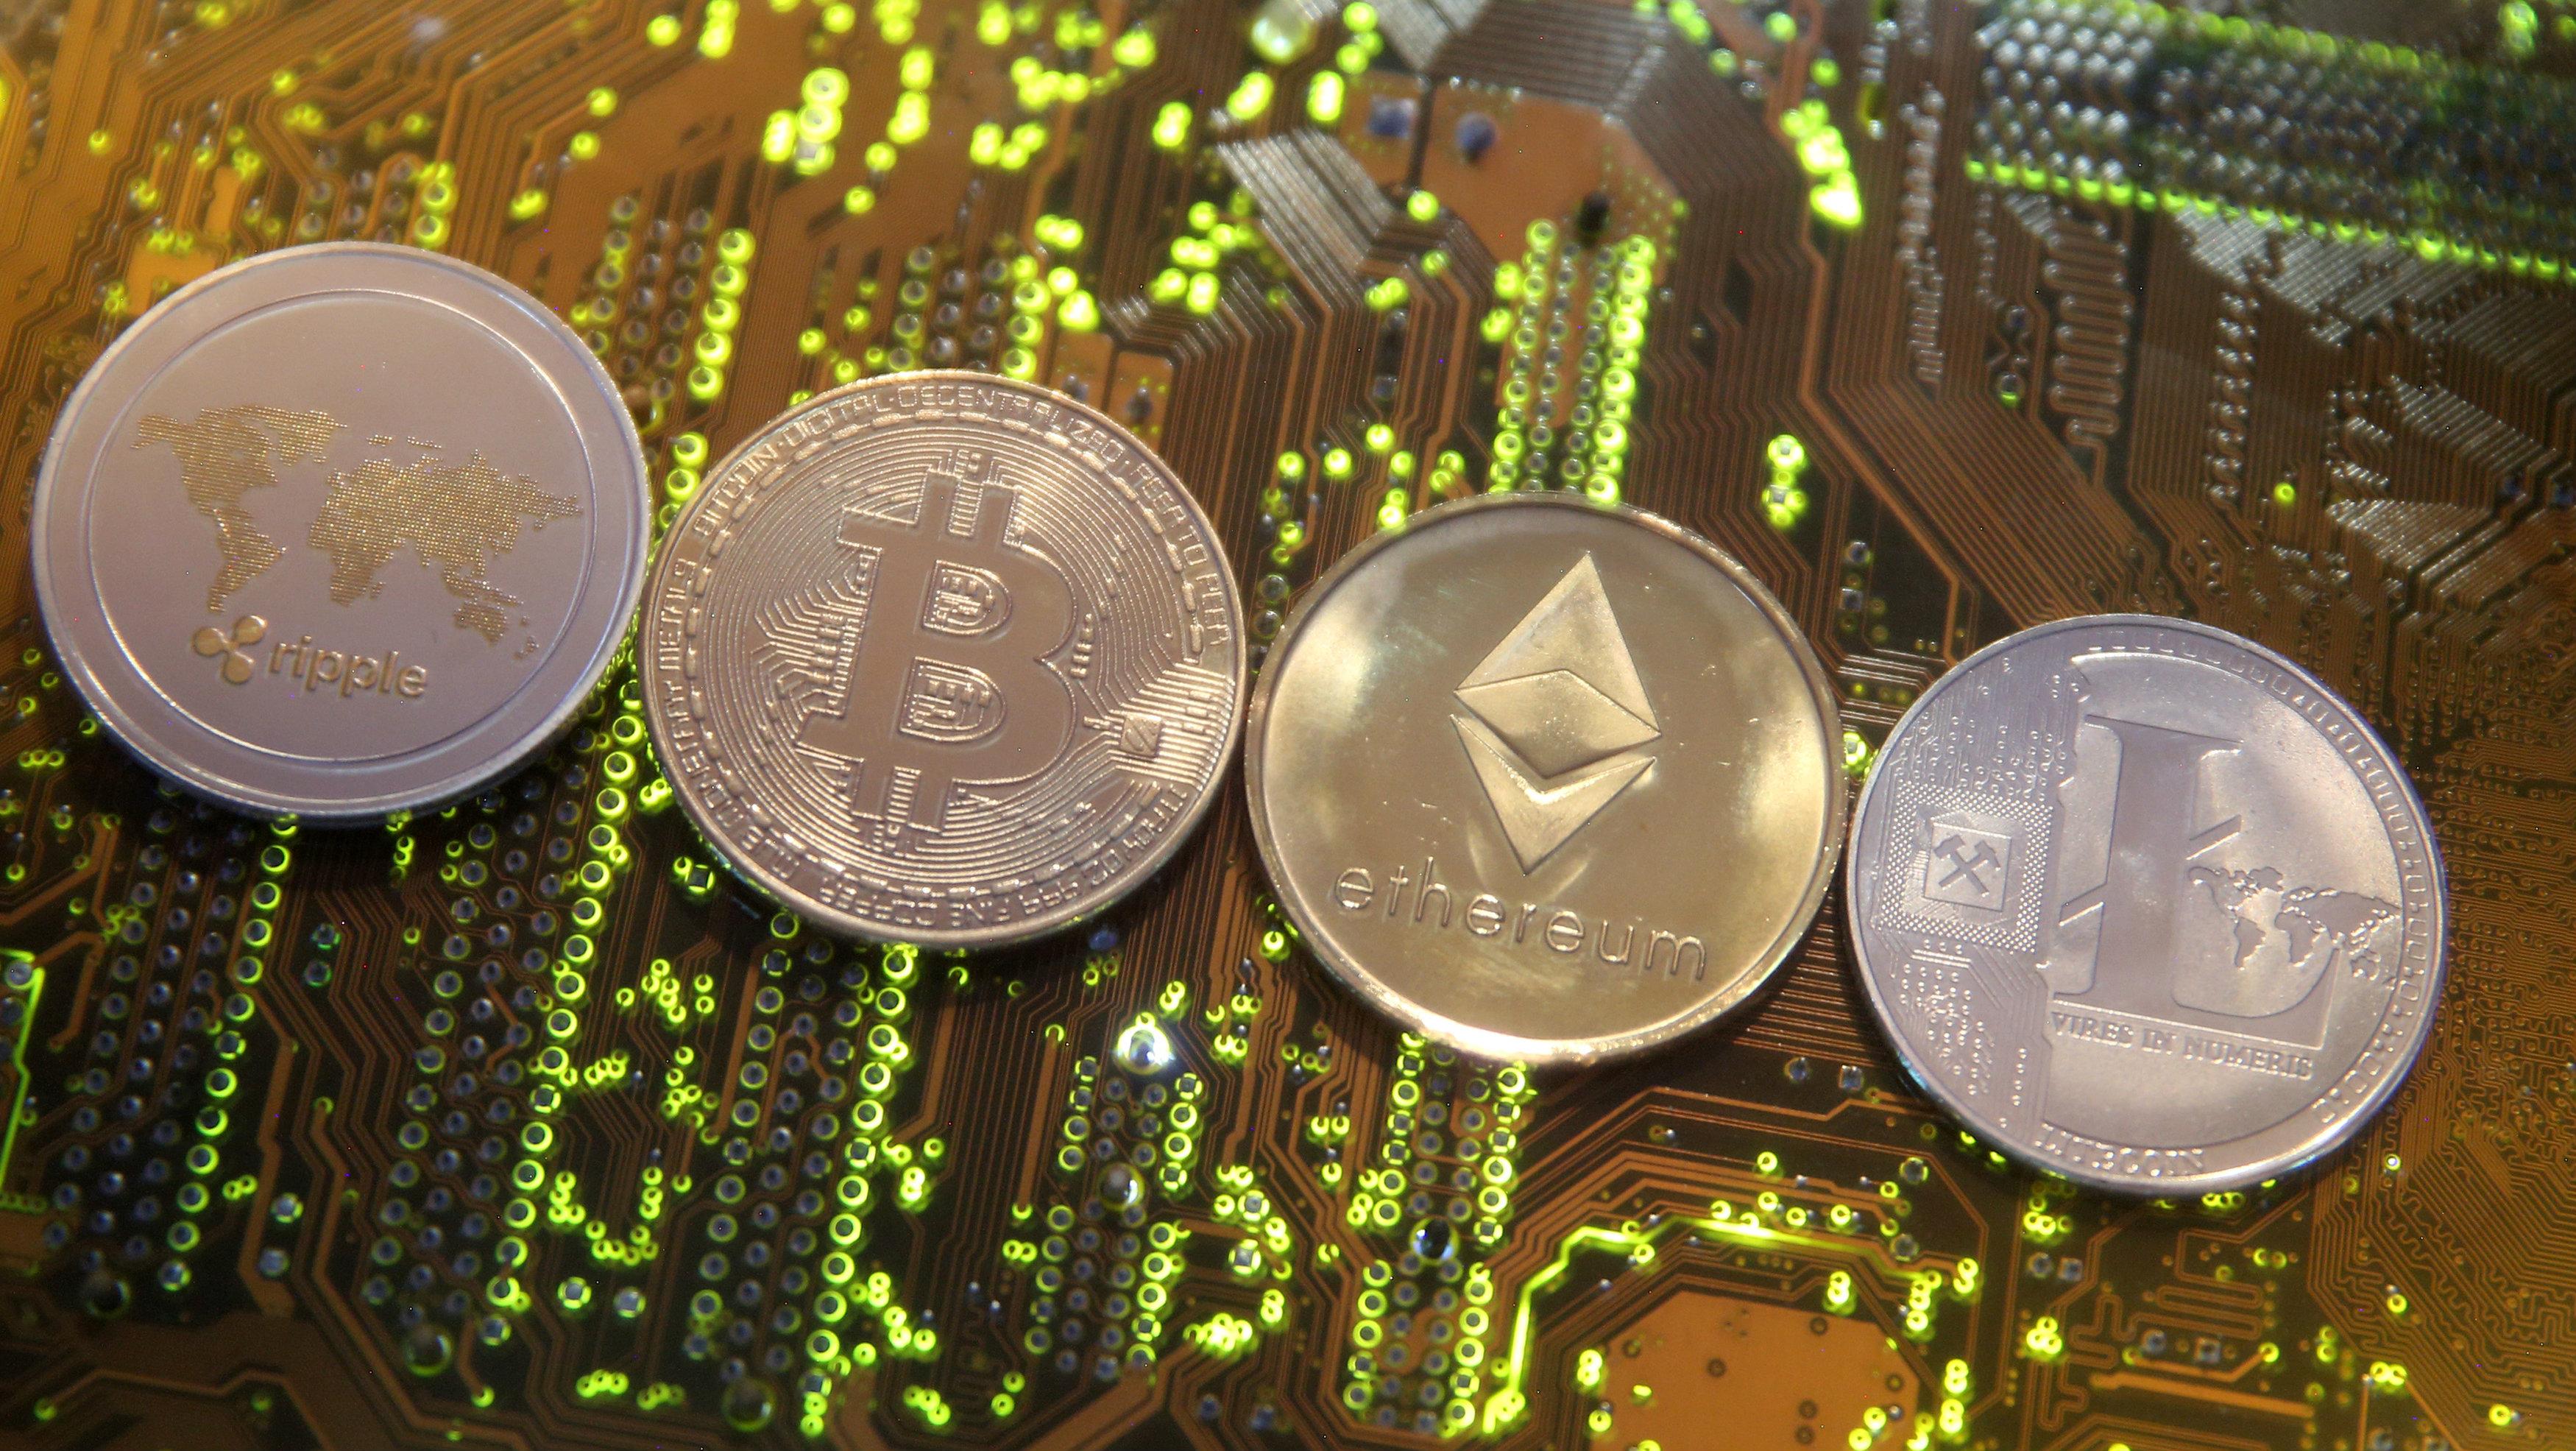 Ripple like bitcoins alamat pantai muara betting bekasi siap